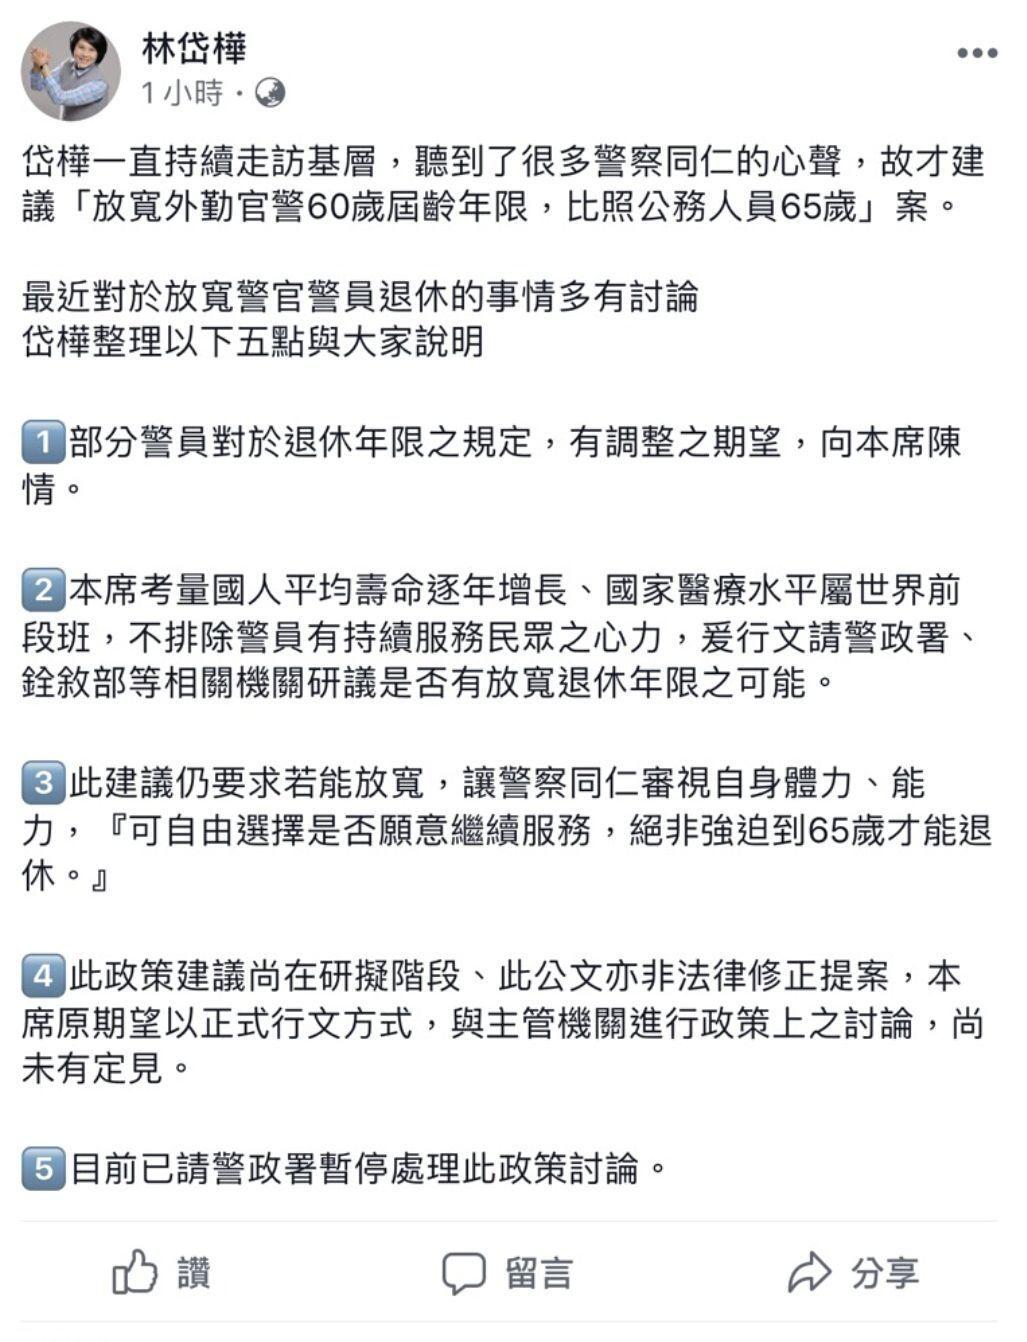 林岱樺昨晚在臉書上的說明。記者林保光/翻攝自林岱樺臉書